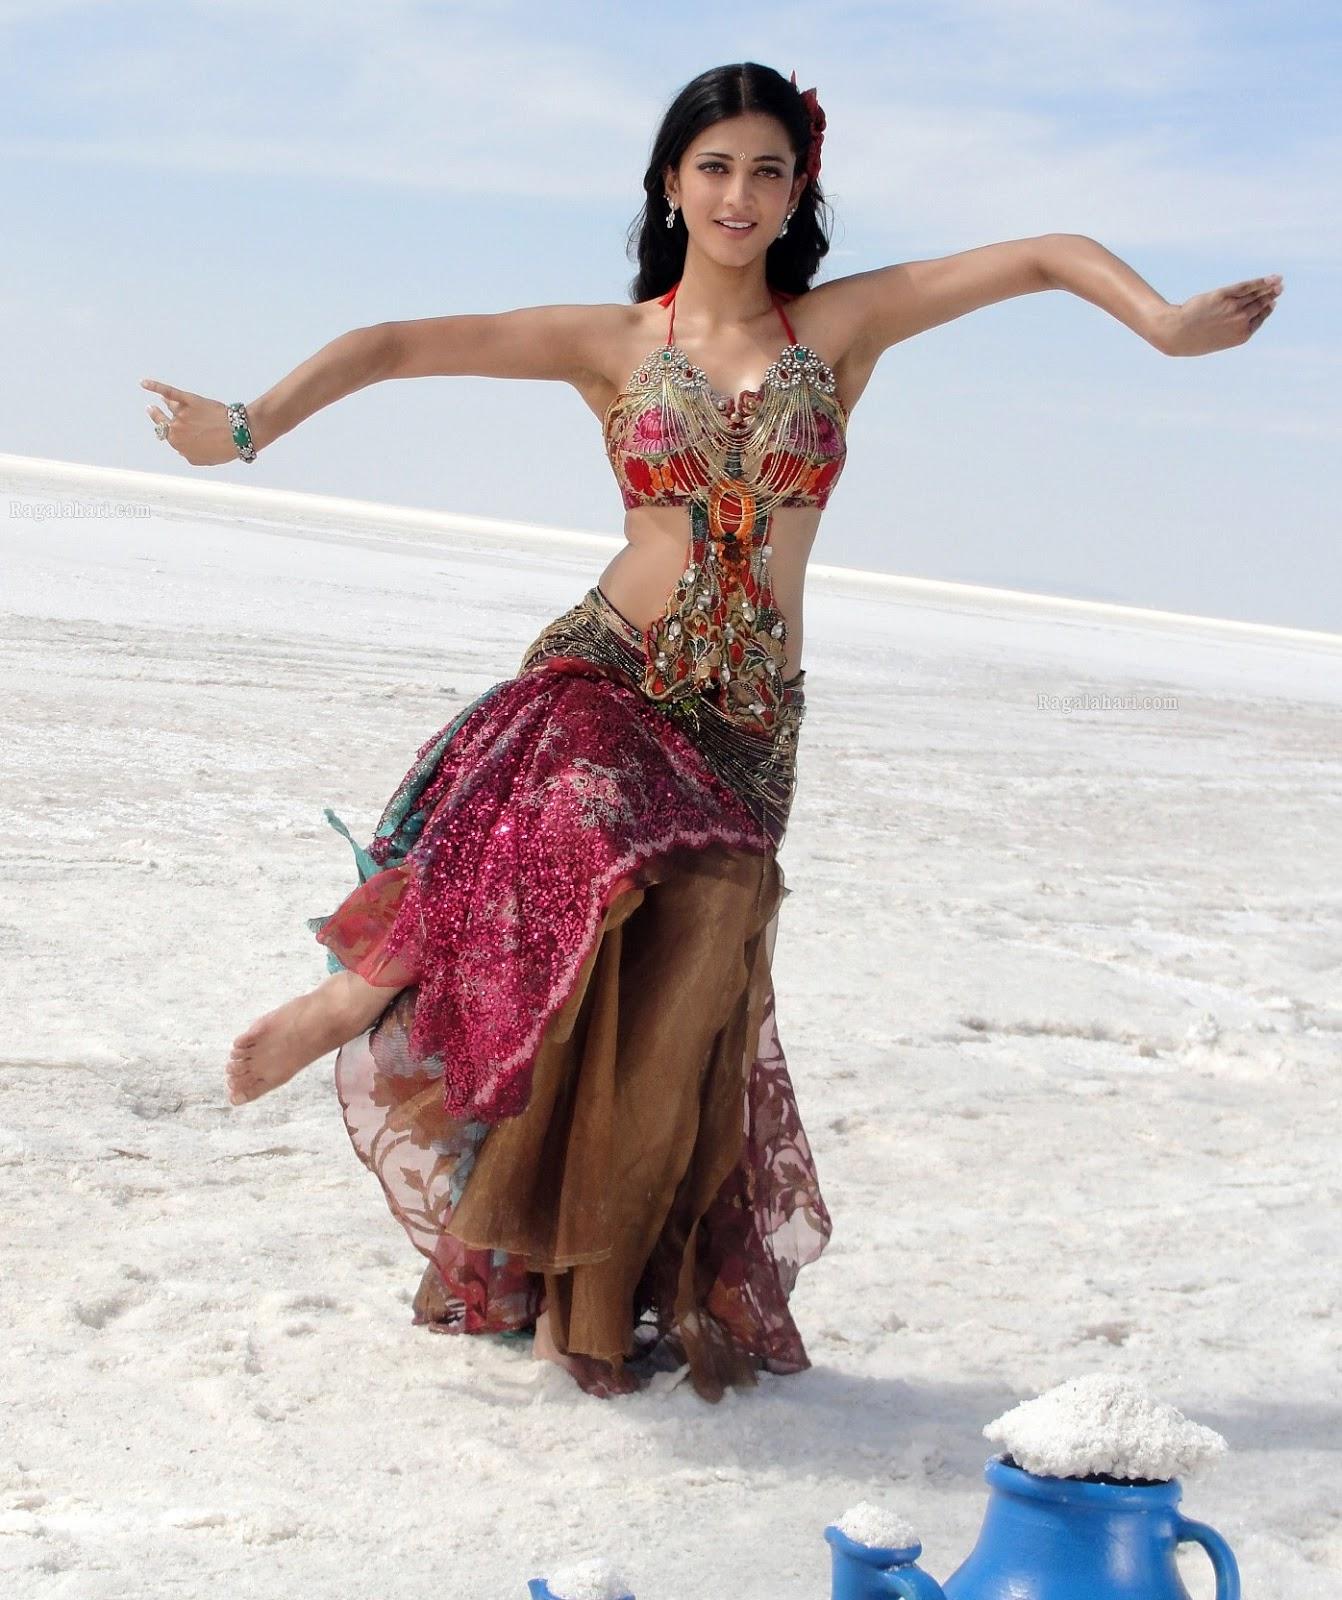 shruthi hassan hottest poses